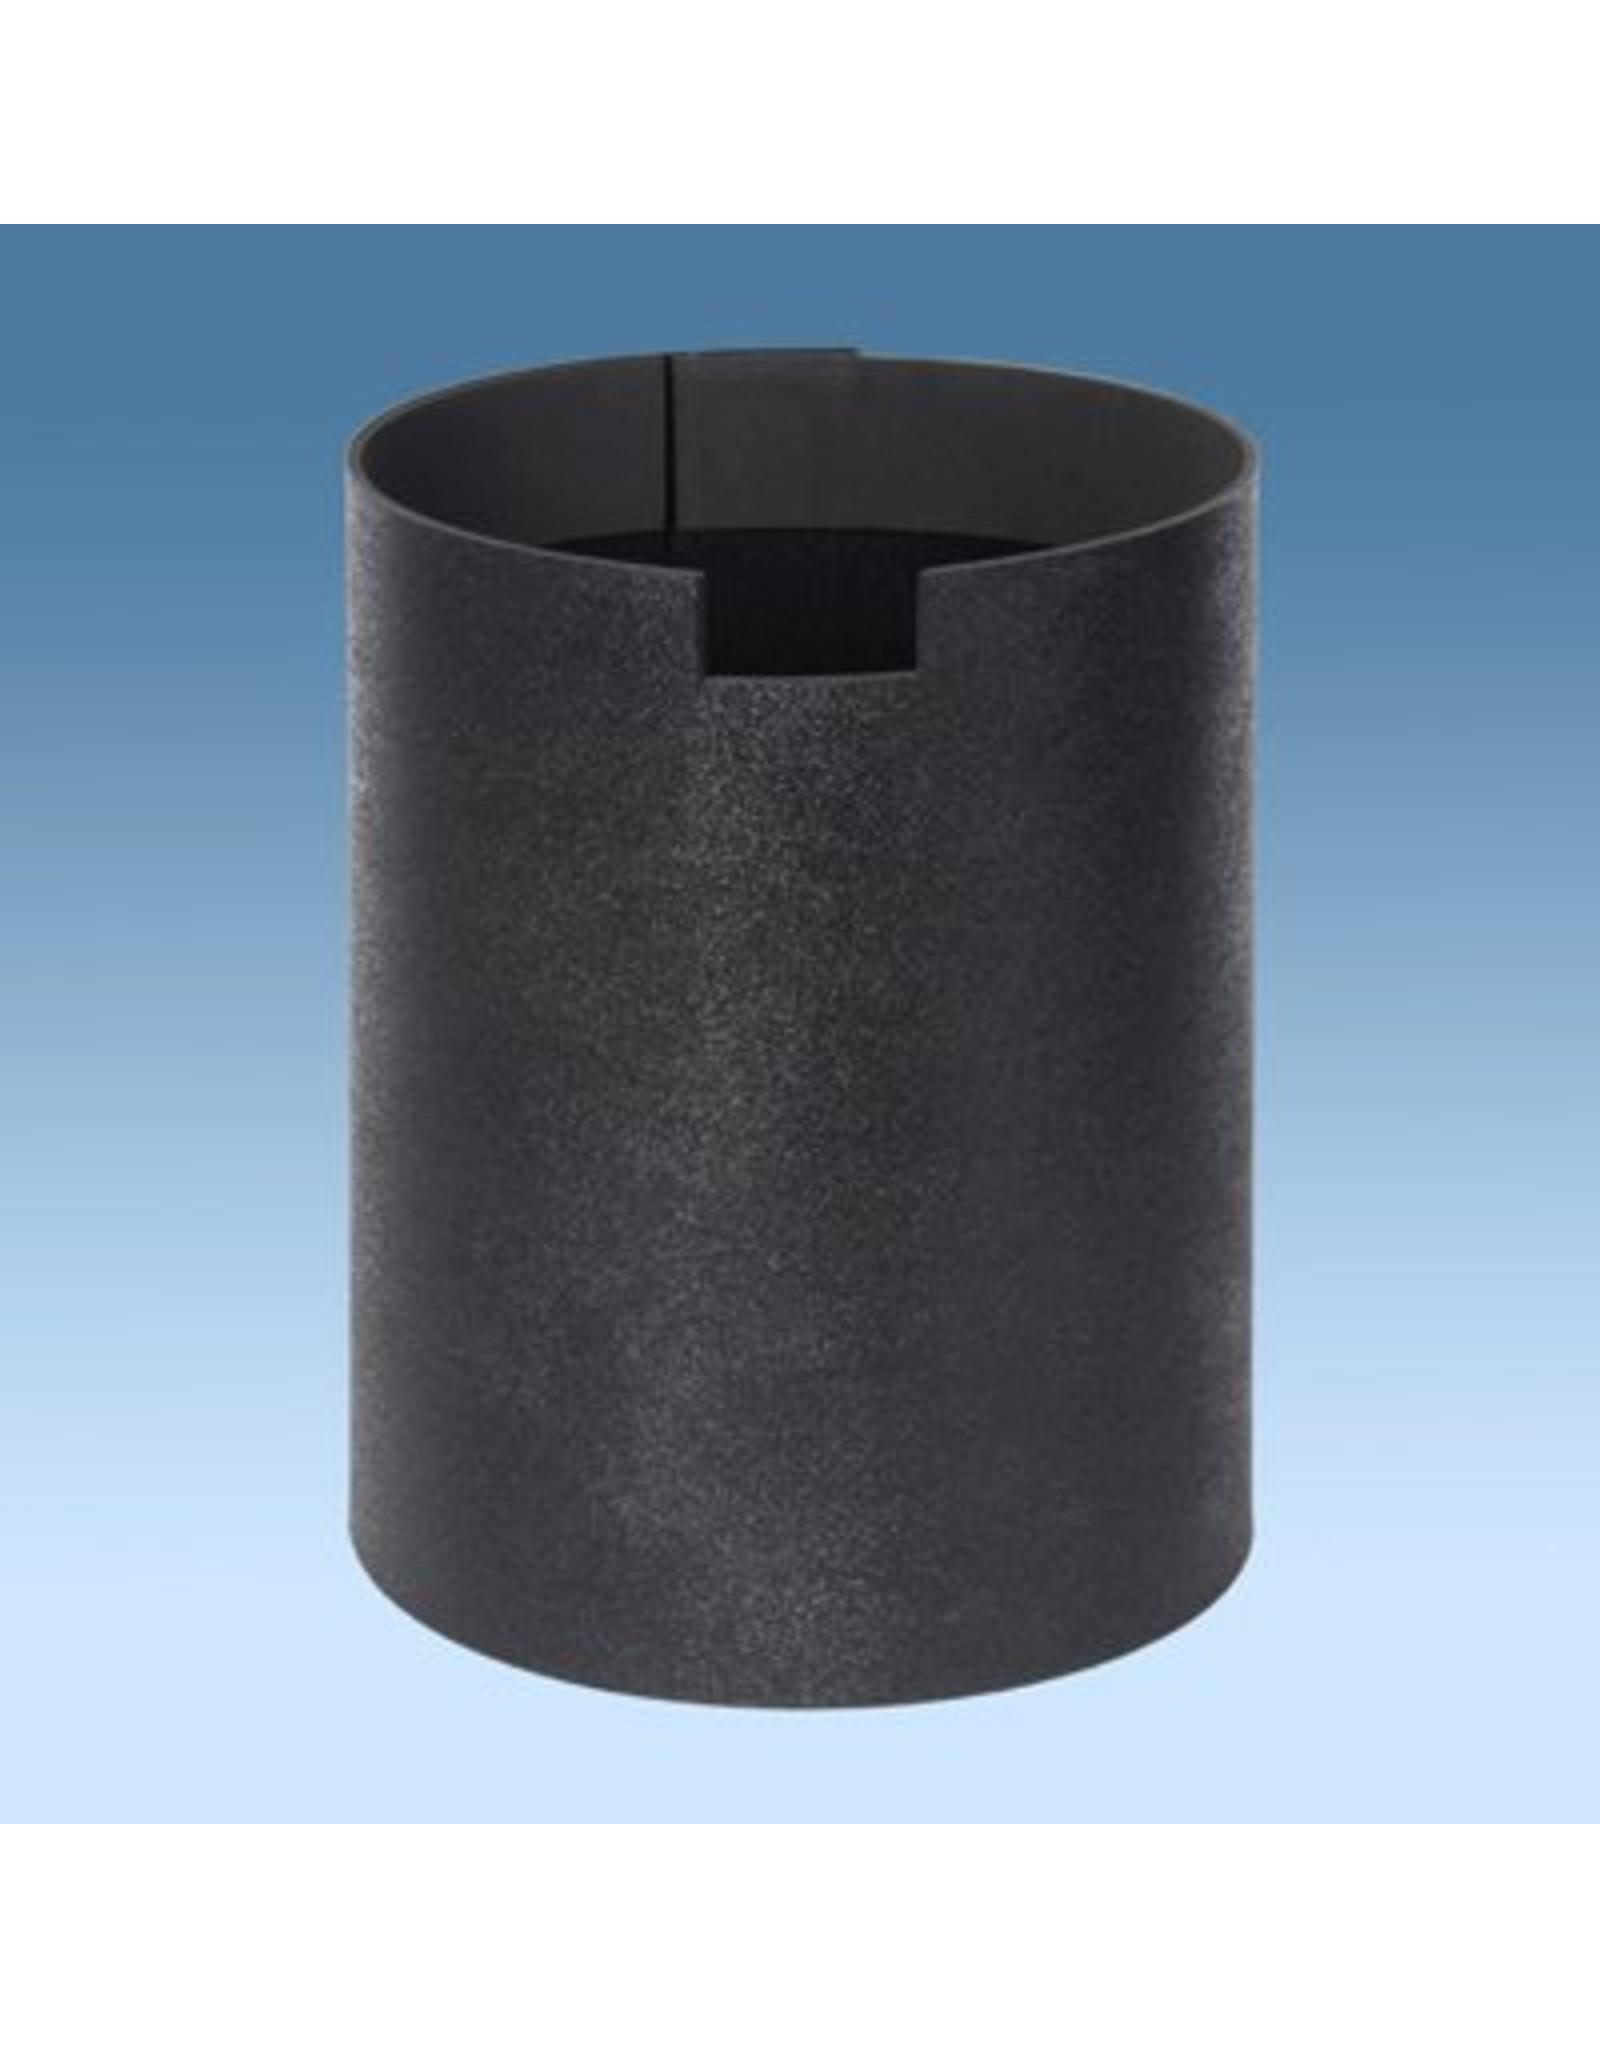 Astrozap Sky-Watcher 150mm Mak Flexi-Shield™ Flexible Dew Shield